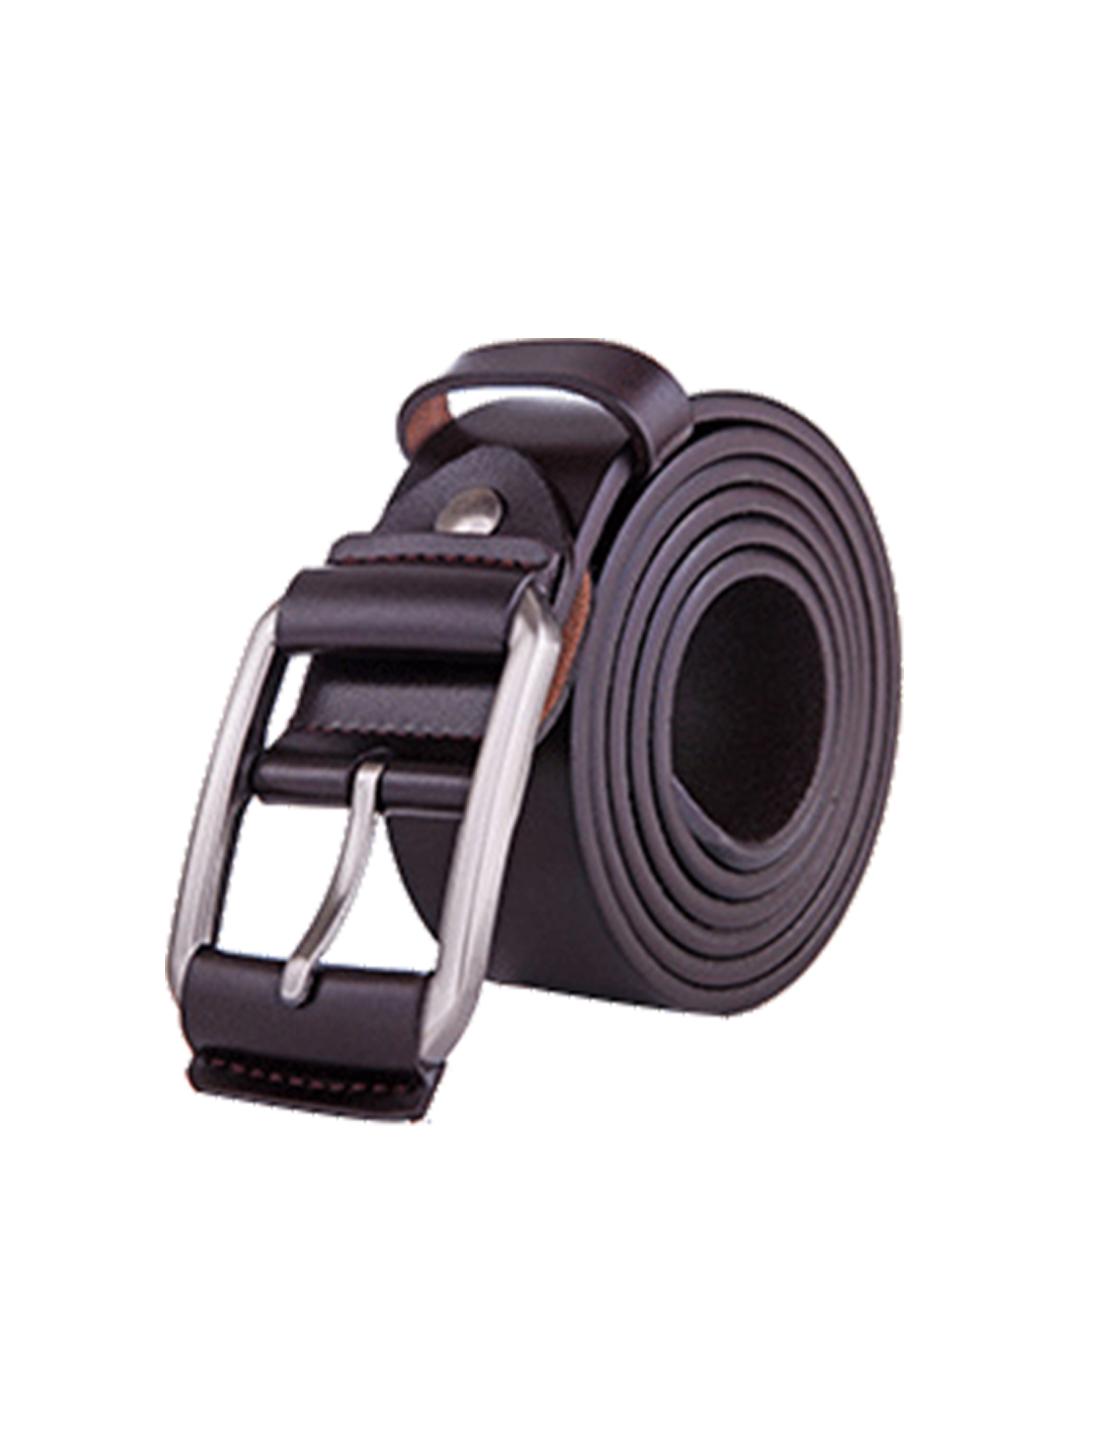 Men Single Pin Buckle Dress Leather Belt 38mm Width 1 1/2 Dark Brown 125cm